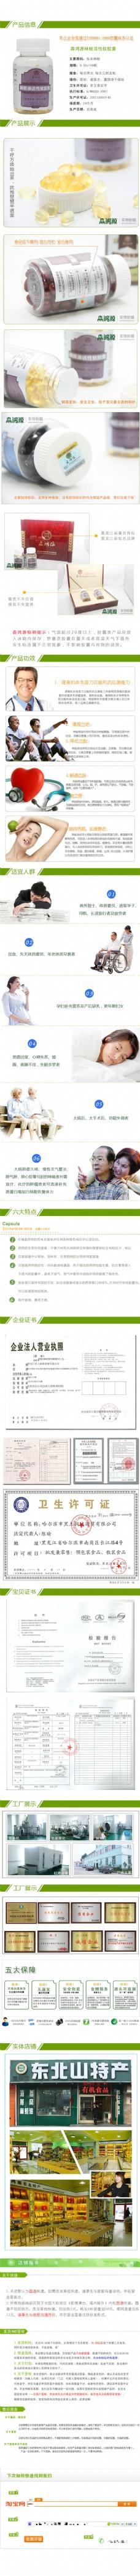 保健品淘宝电商食品茶饮详情页设计模板